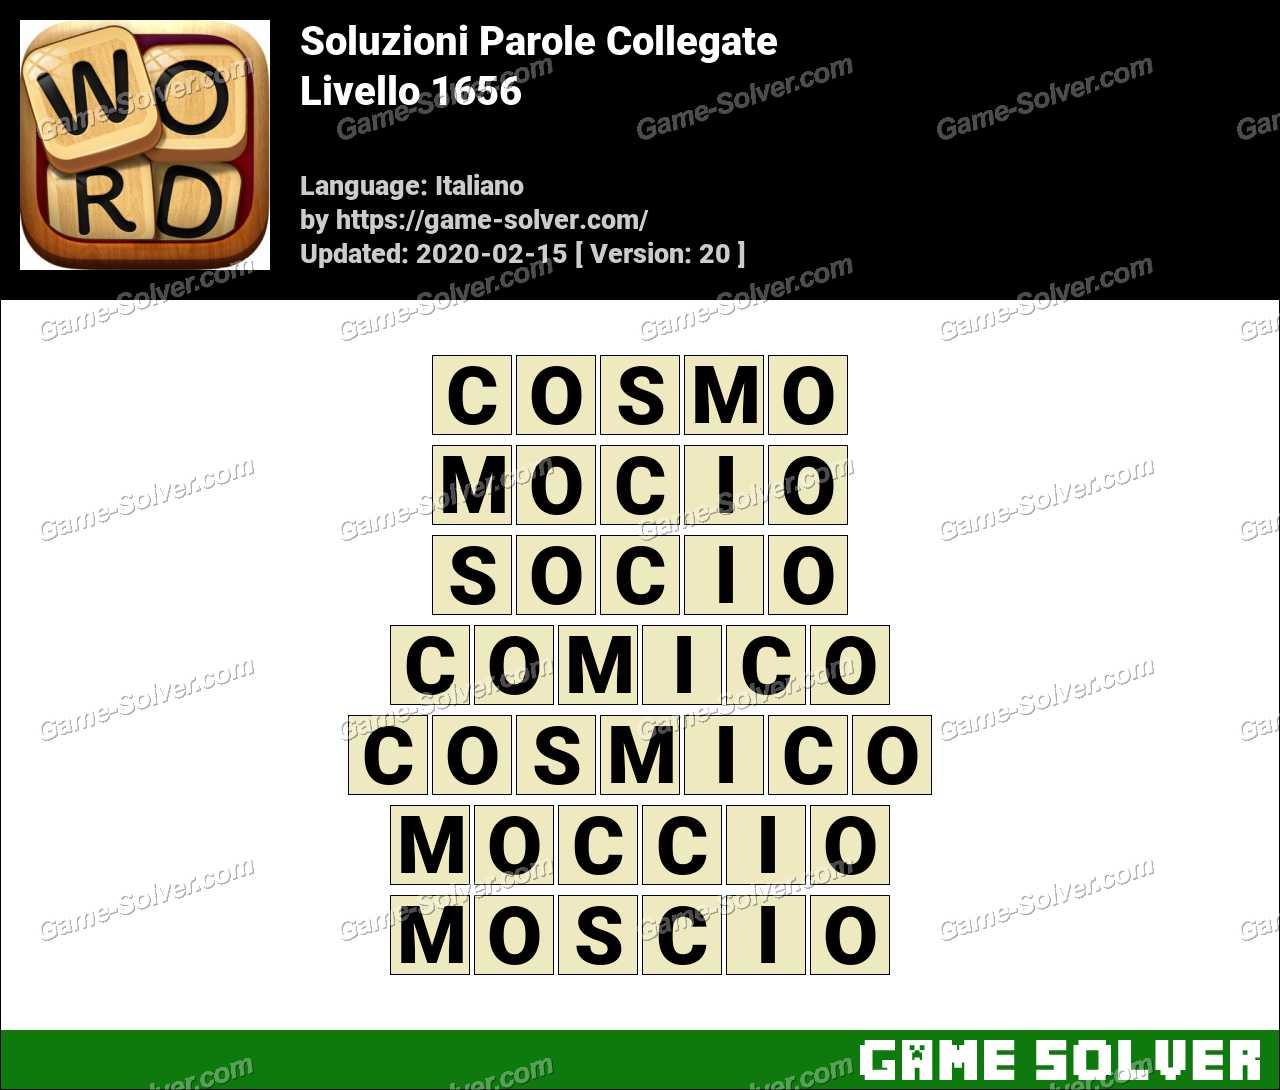 Soluzioni Parole Collegate Livello 1656